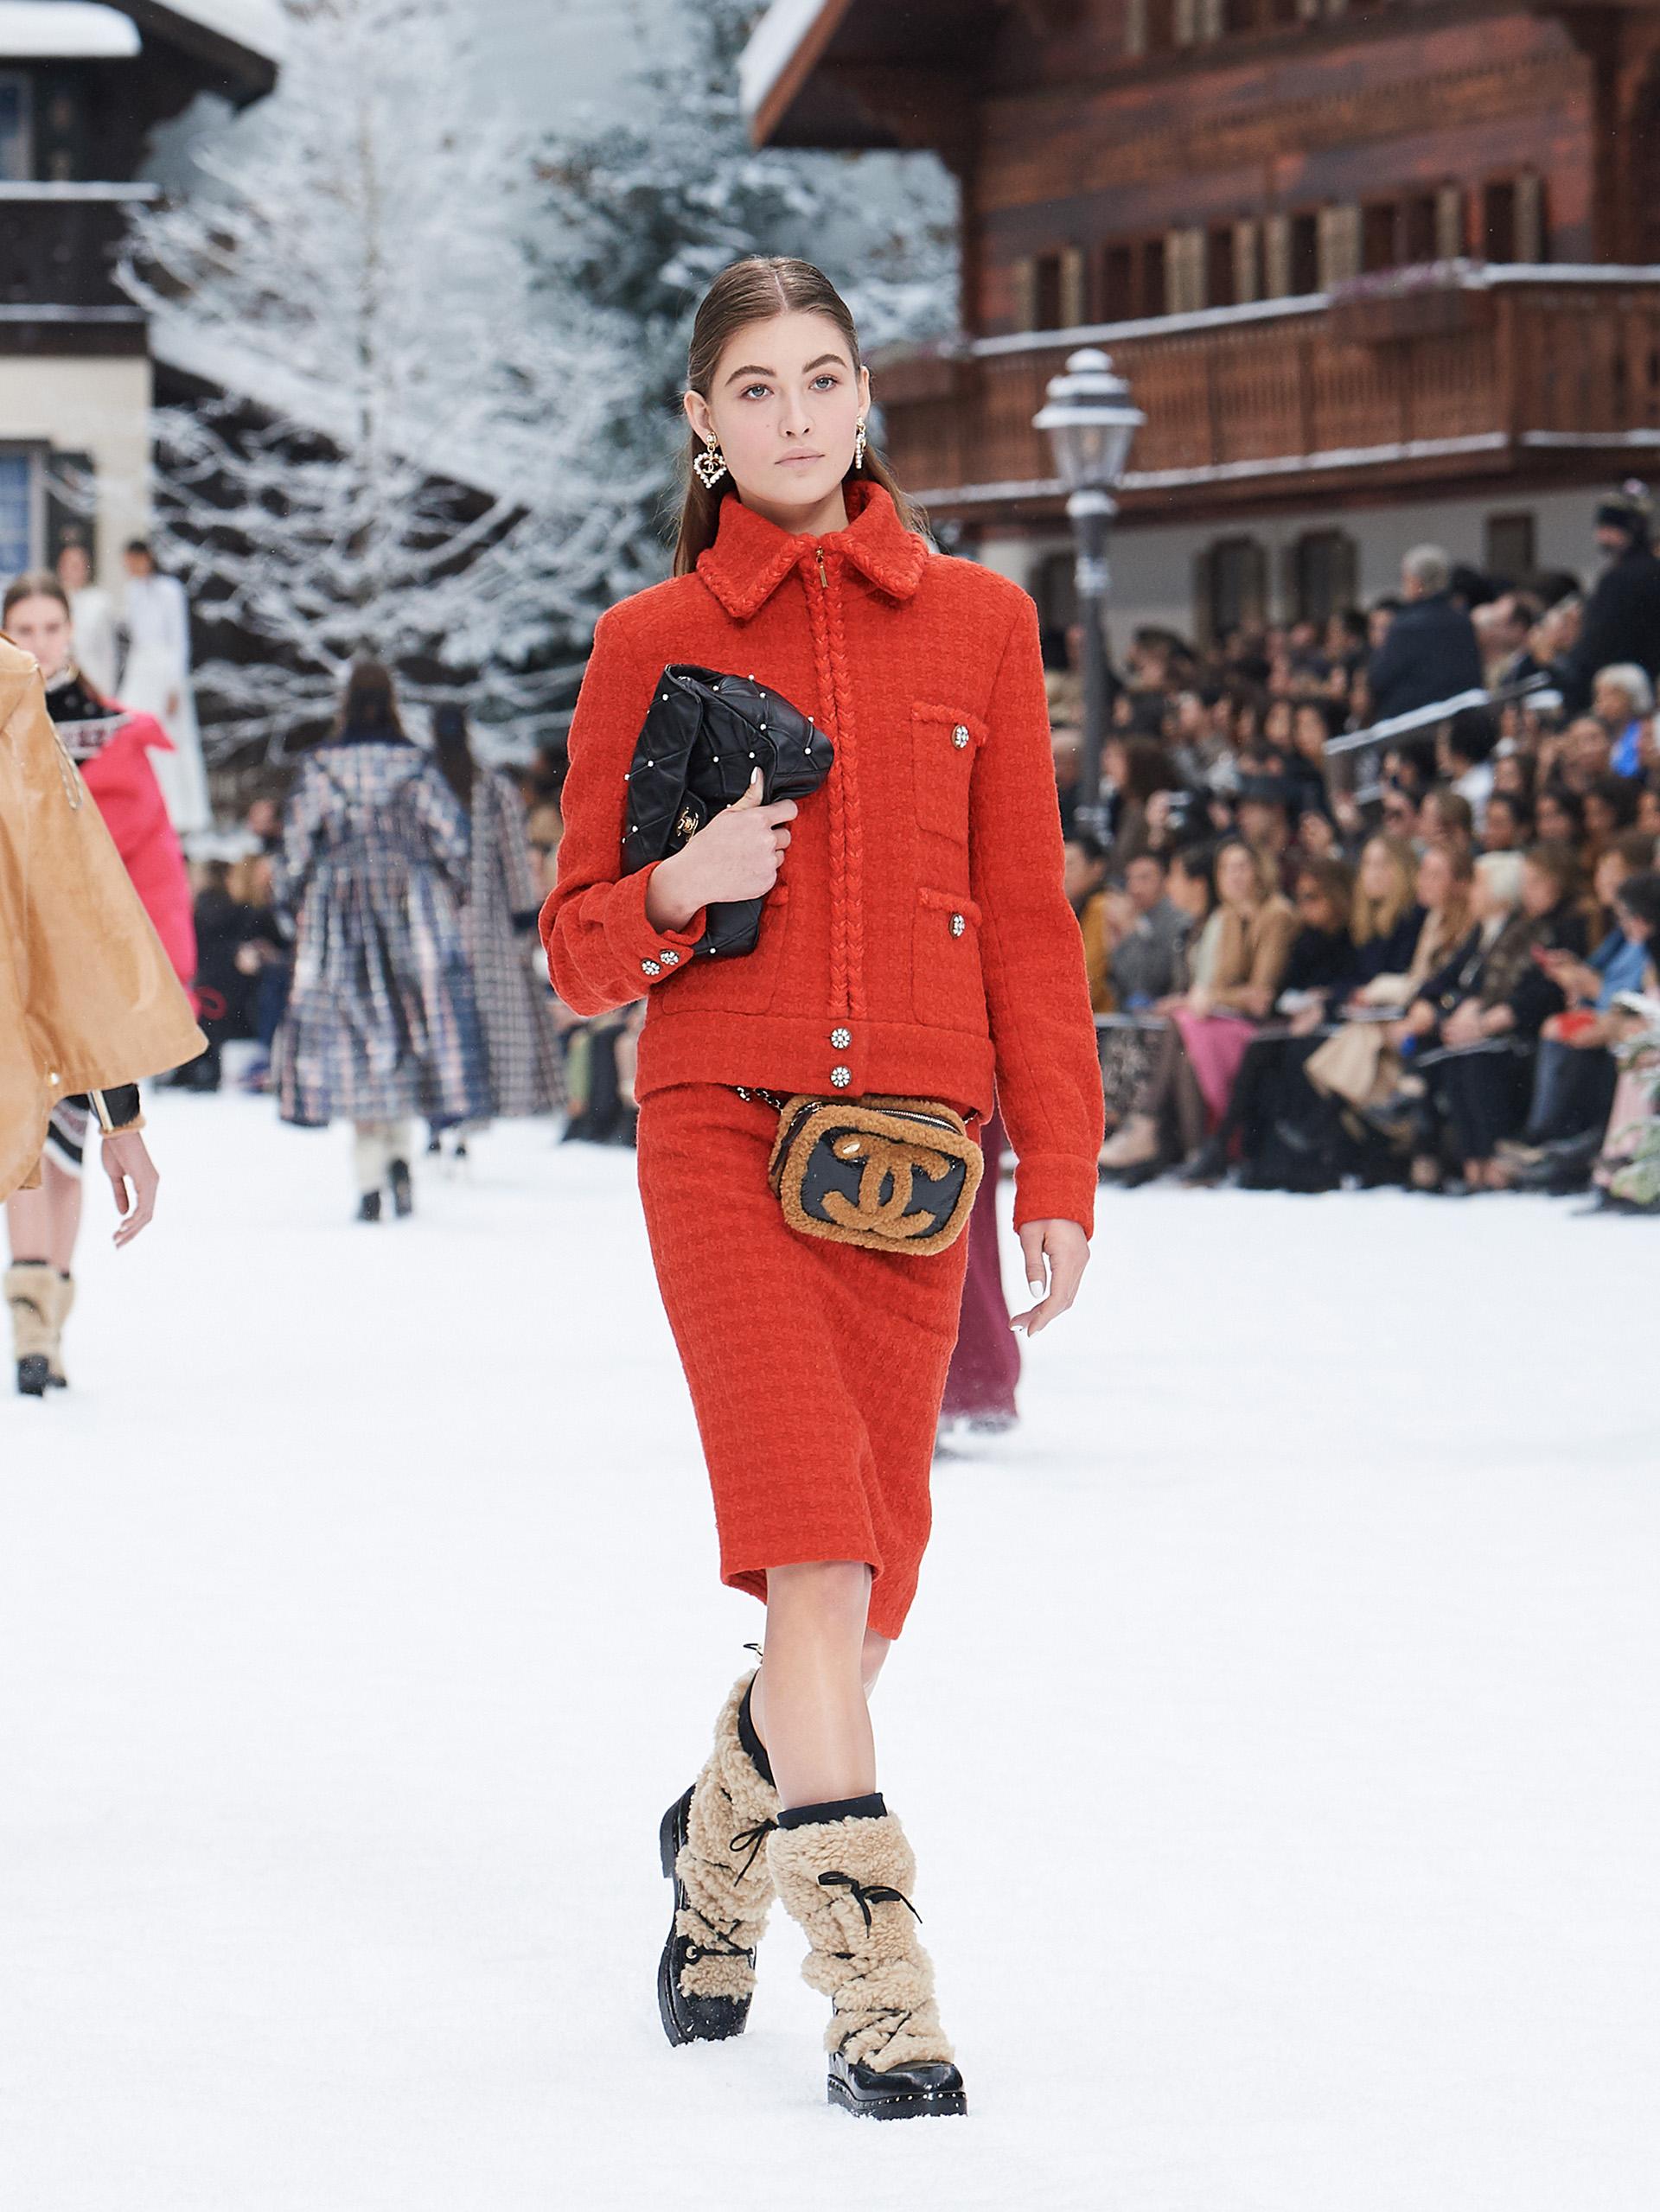 Otra versión del sello de la firma, el tweed, esta temporada en color rojo con falda más suelta y detalles metalizados con brillo